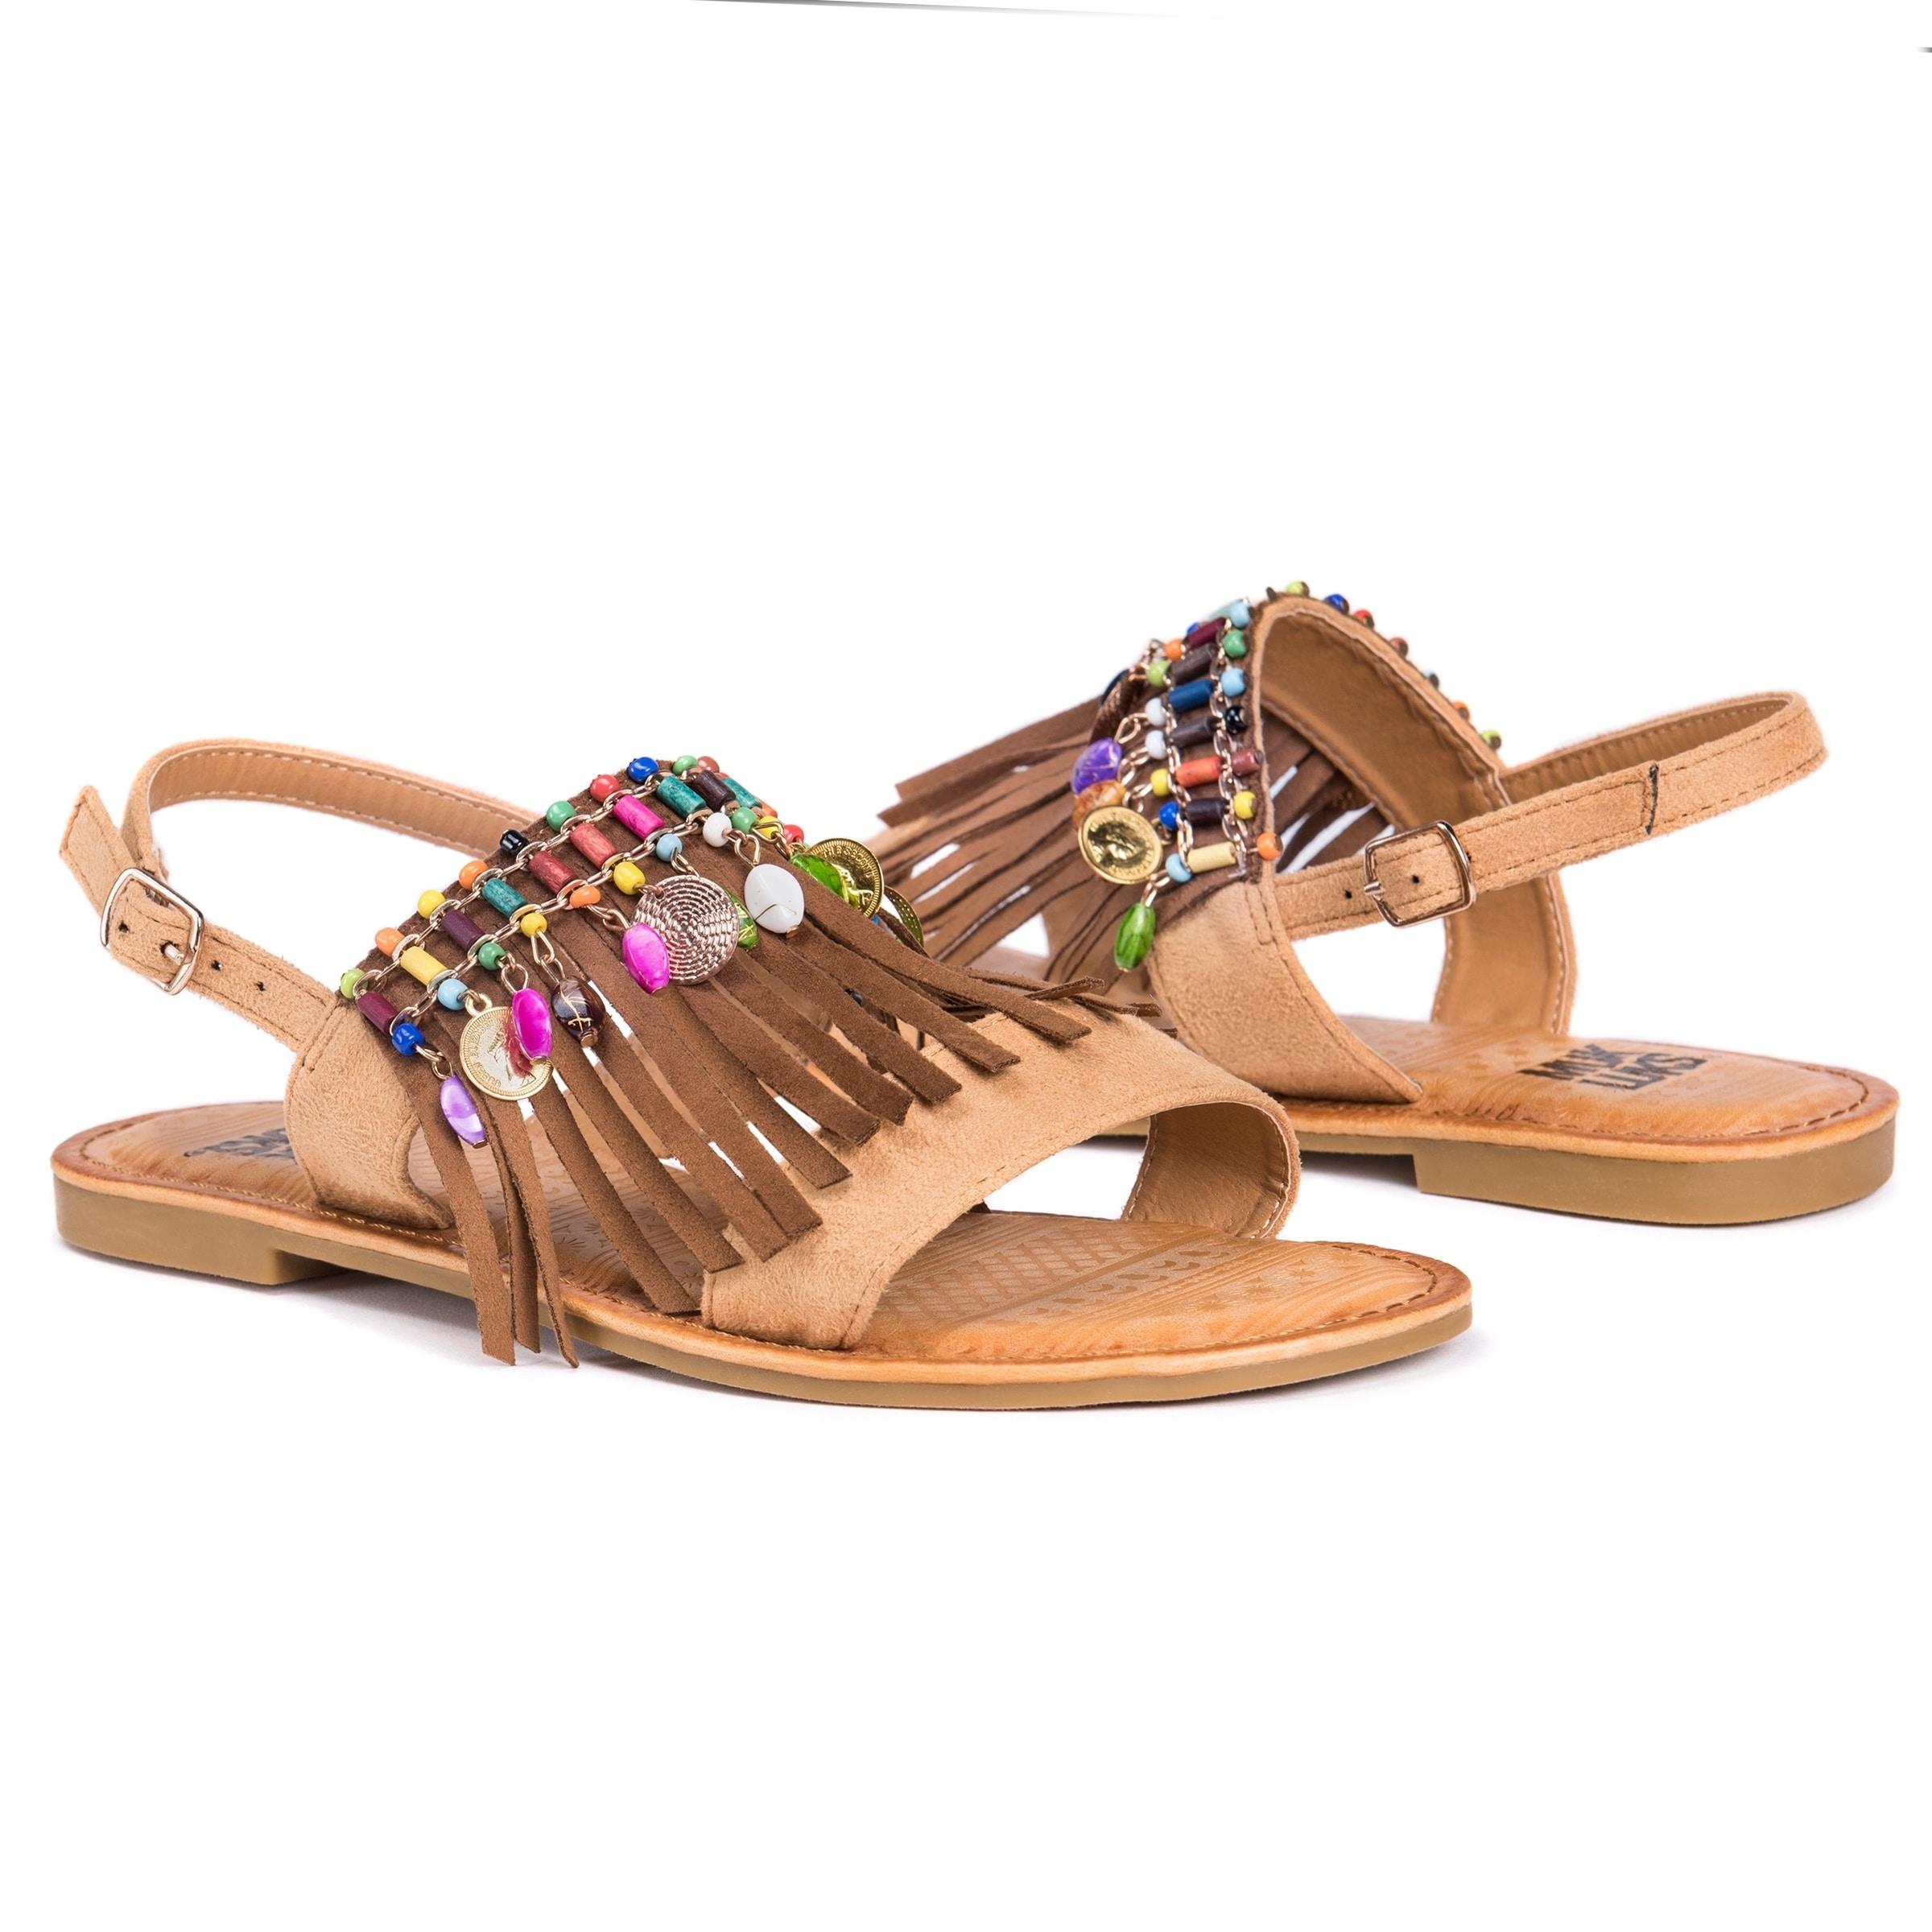 MUK LUKS Margot Women's ... Sling-Back Sandals Gd7203RP